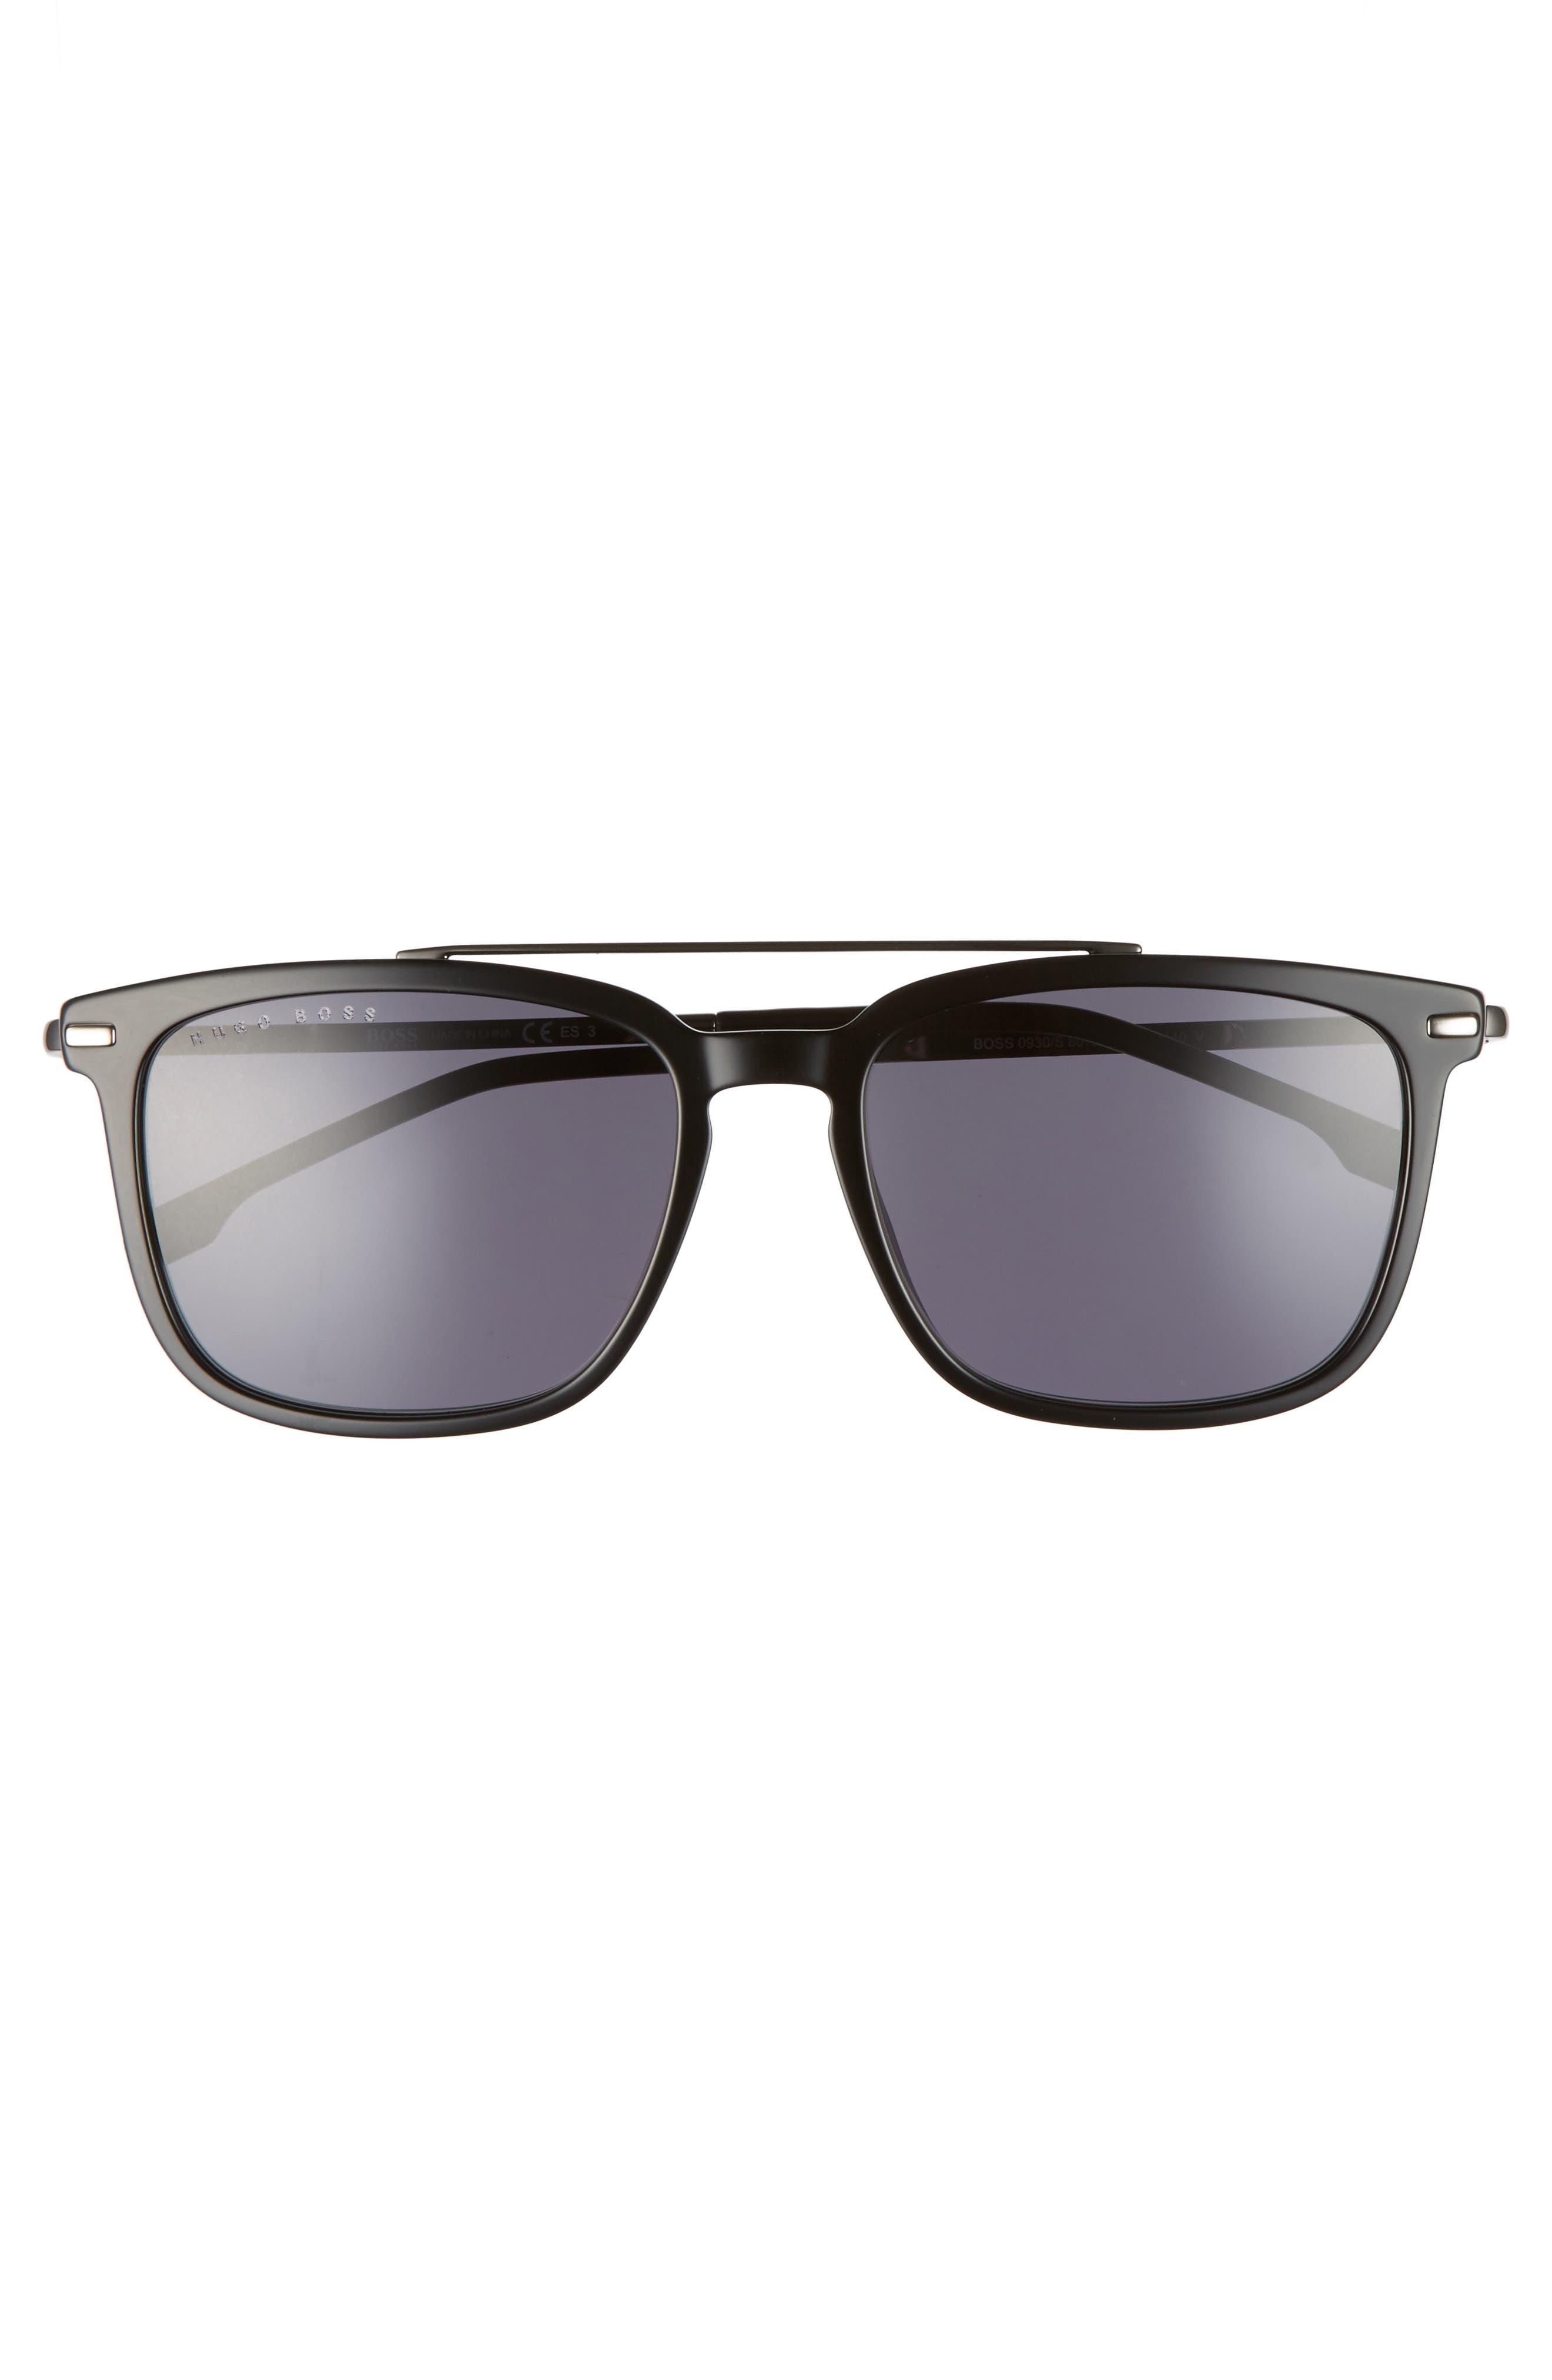 55mm Polarized Sunglasses,                             Alternate thumbnail 2, color,                             BLACK